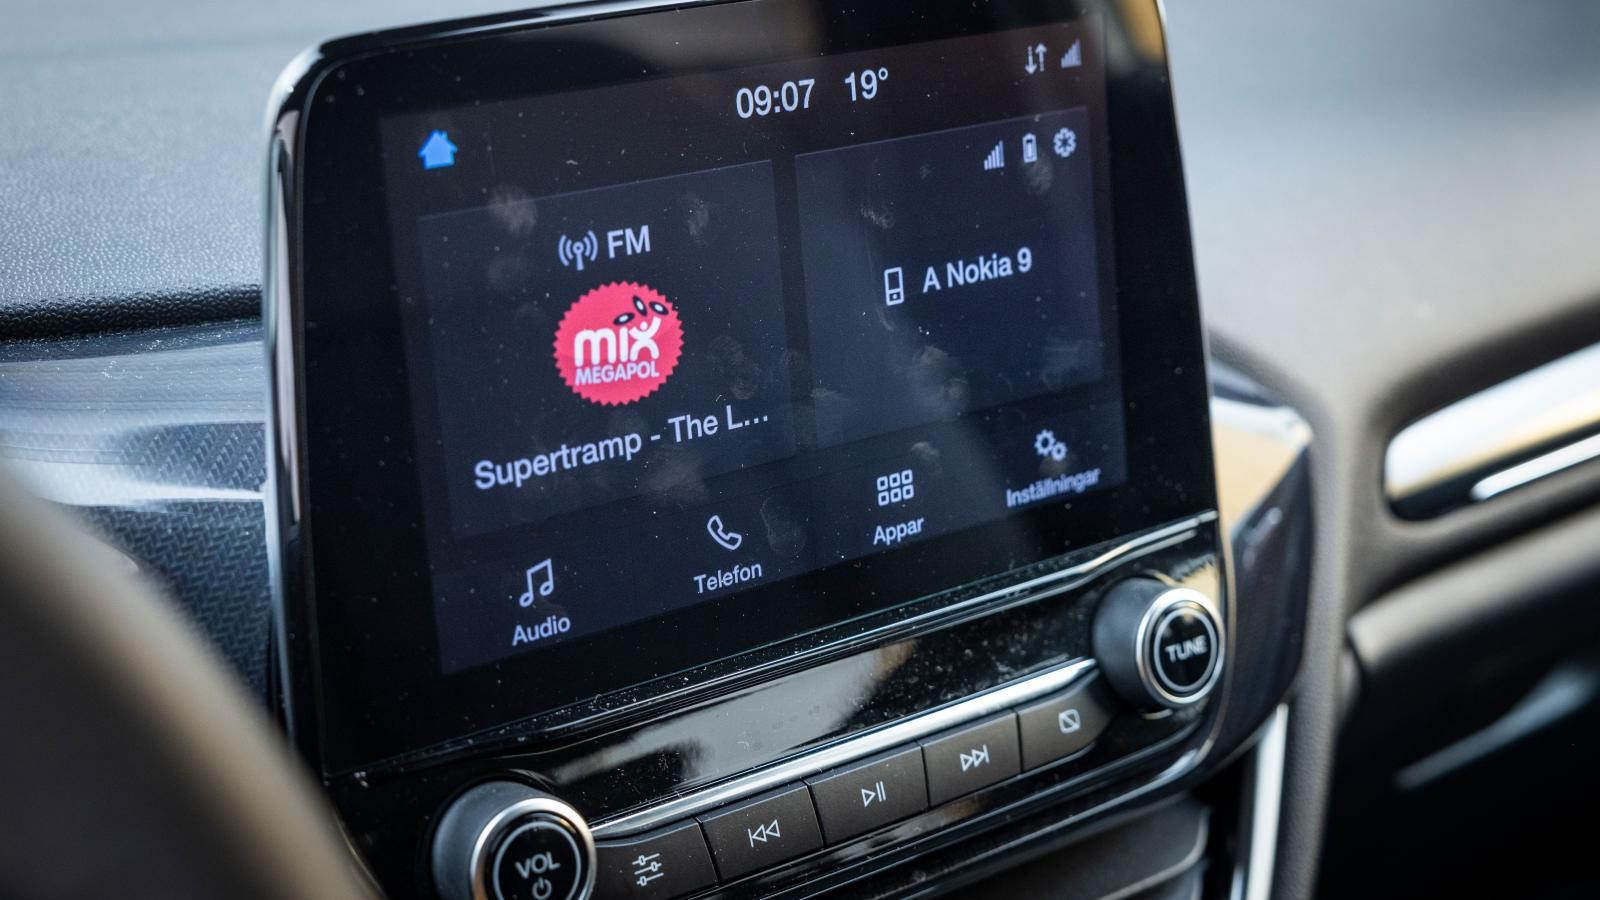 Ford: Rätt upp och ned. Skärmen kommer nära föraren (allt för nära menar en del) och är lätt att nå. Tydliga fysiska knappar och vred. Plus för att skärmen kan släckas helt med ett knapptryck.